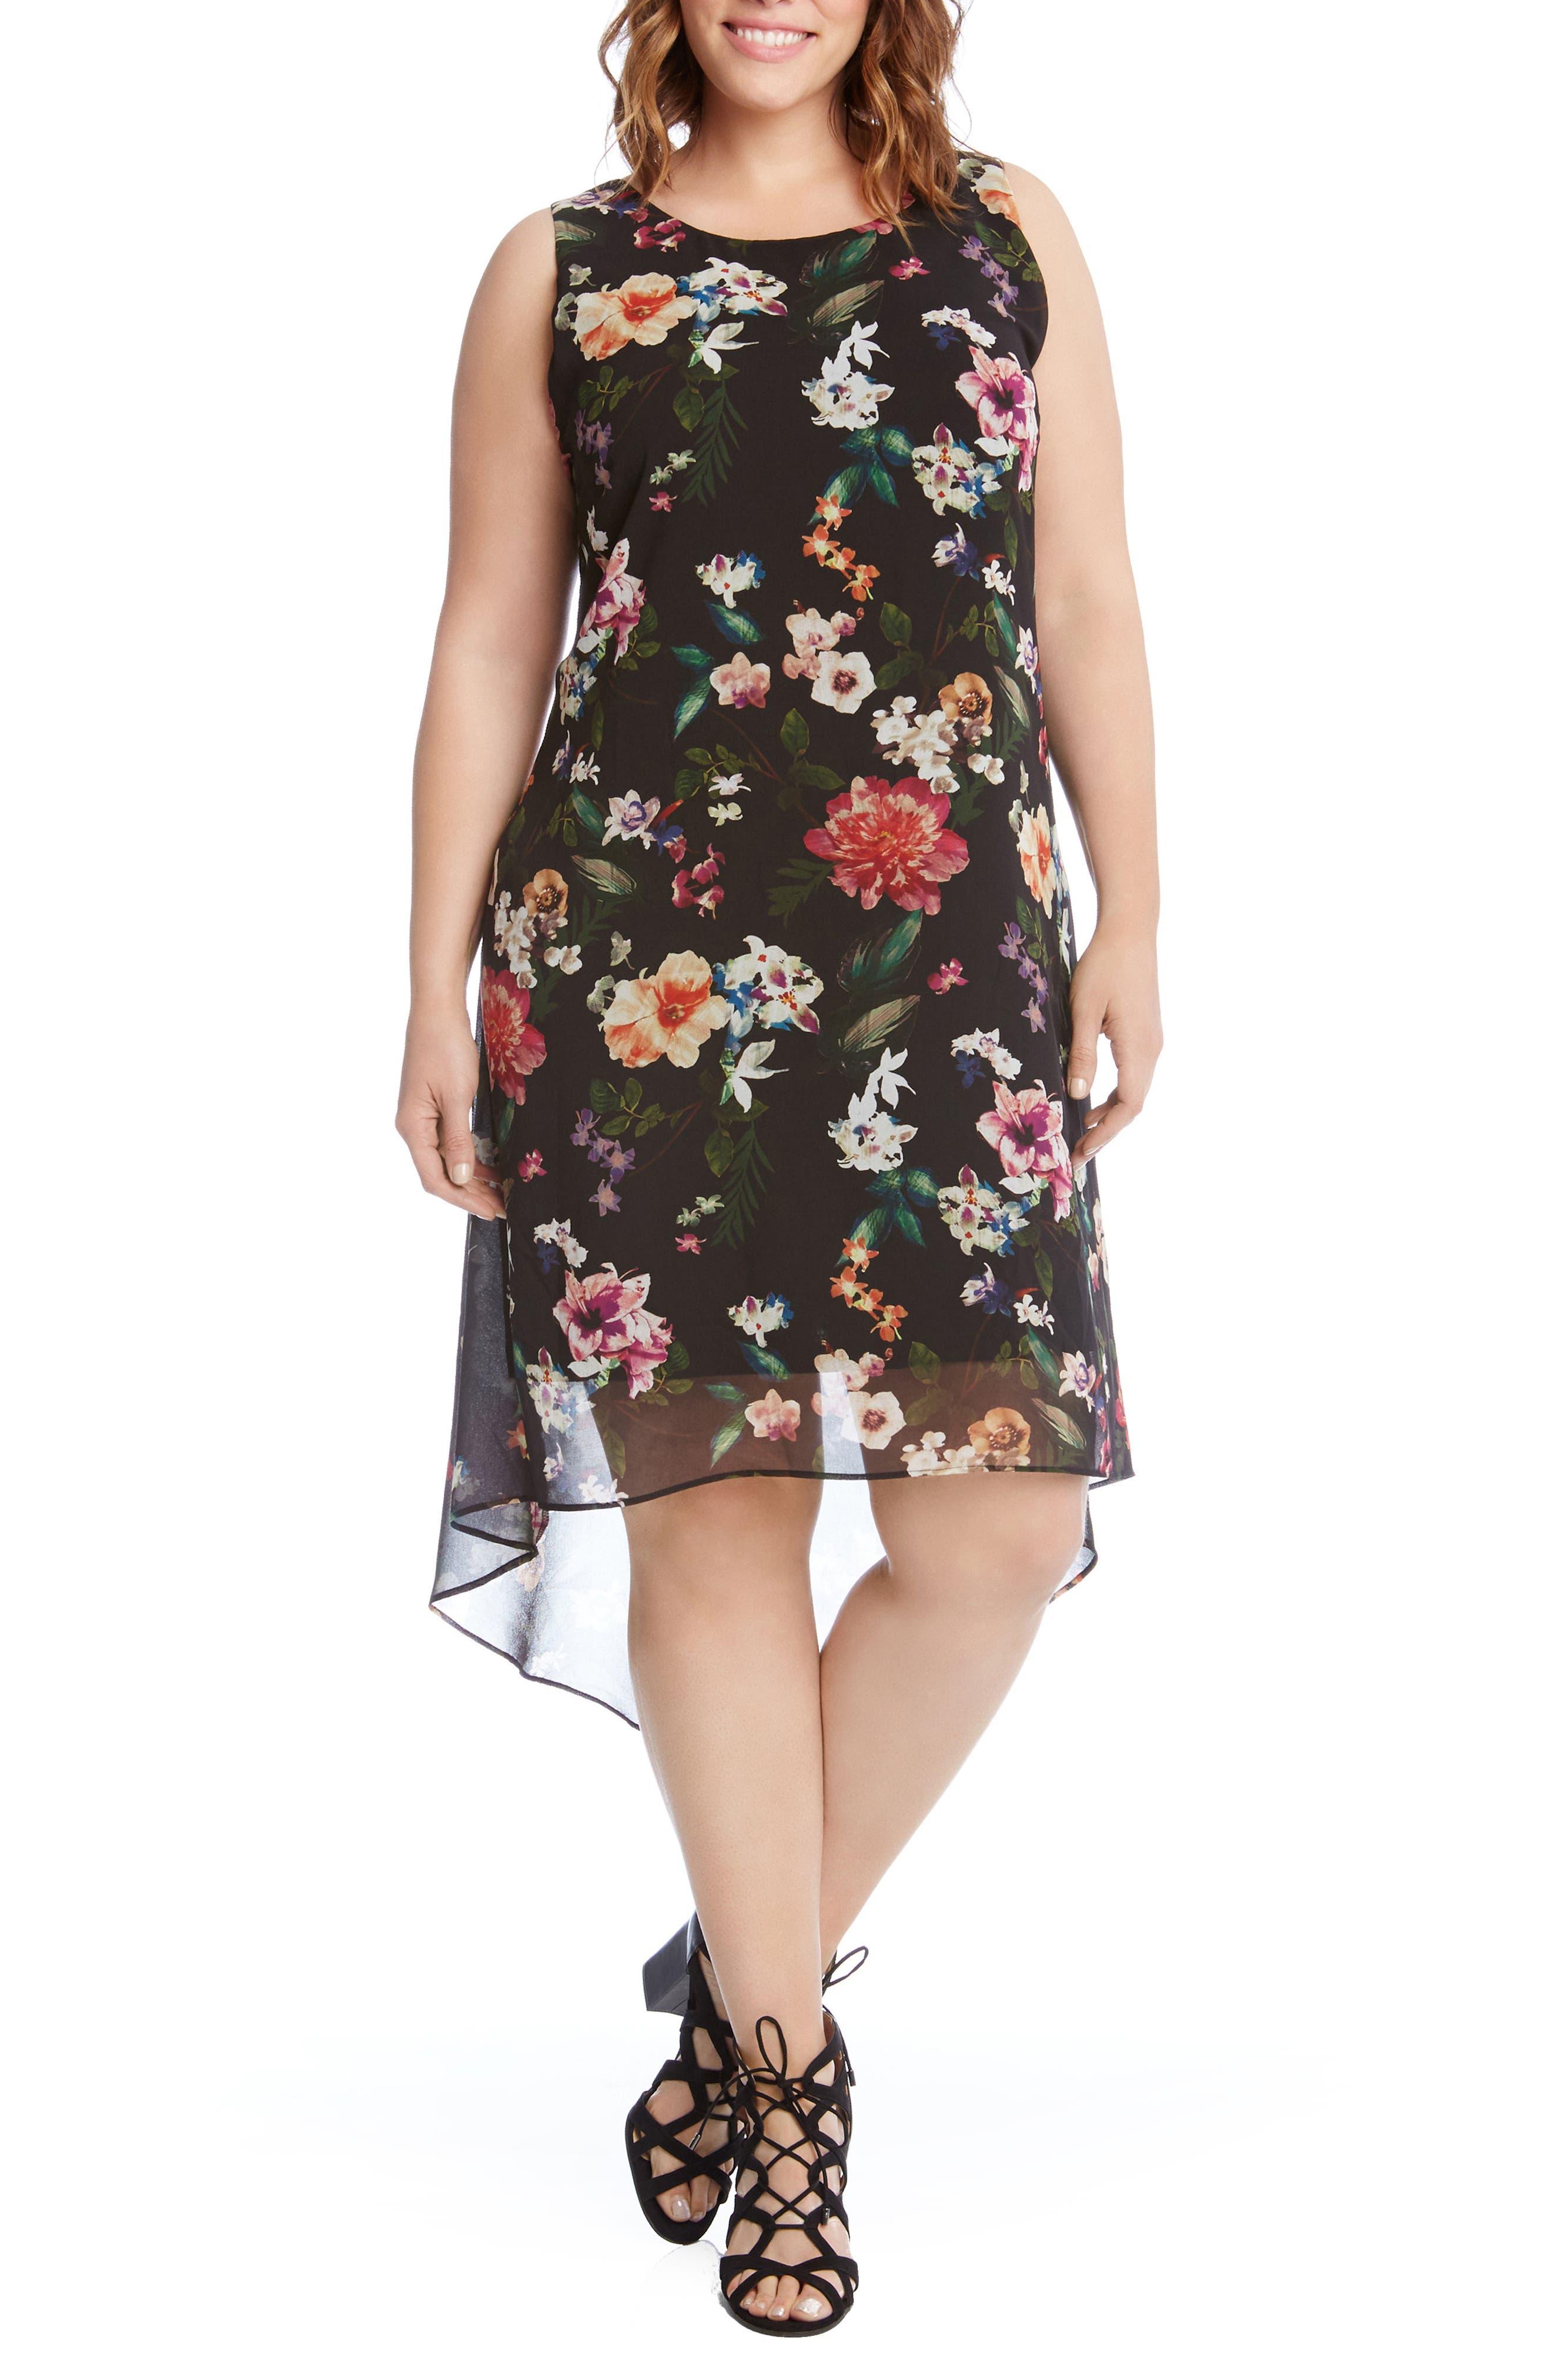 KAREN KANE Kane Kane Floral High/Low Dress